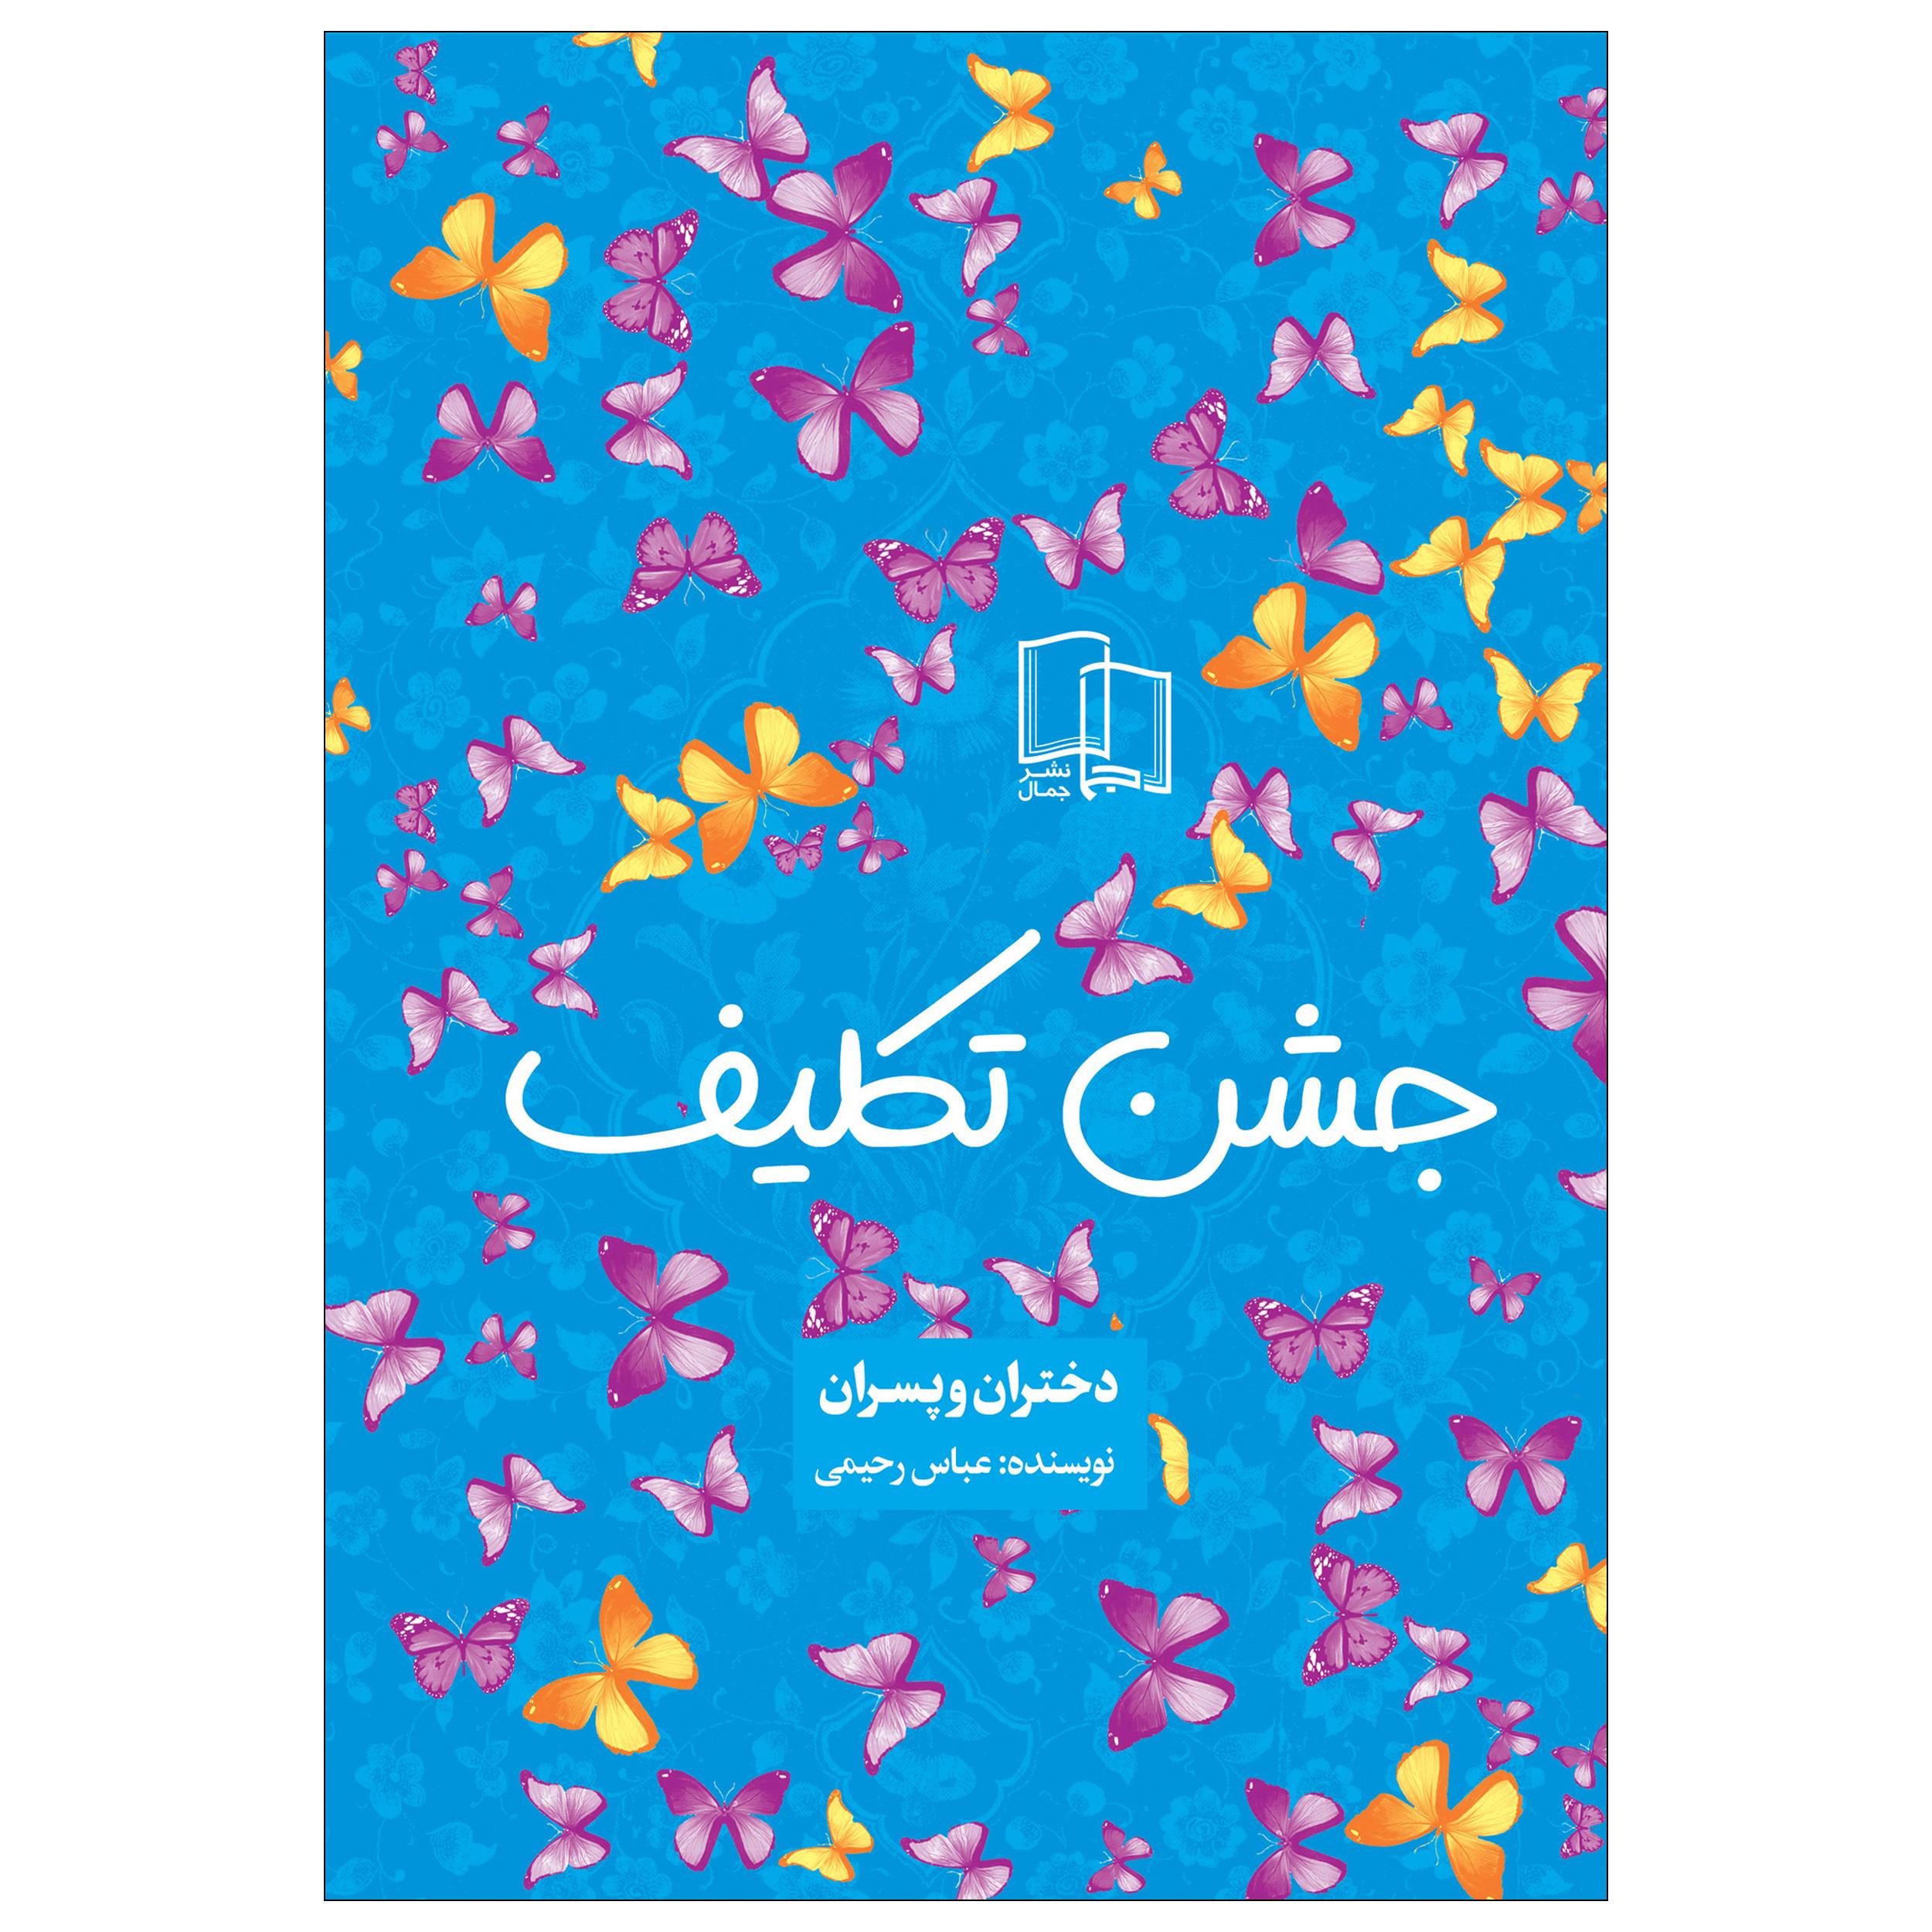 کتاب جشن تکلیف اثر عباس رحیمی نشر جمال